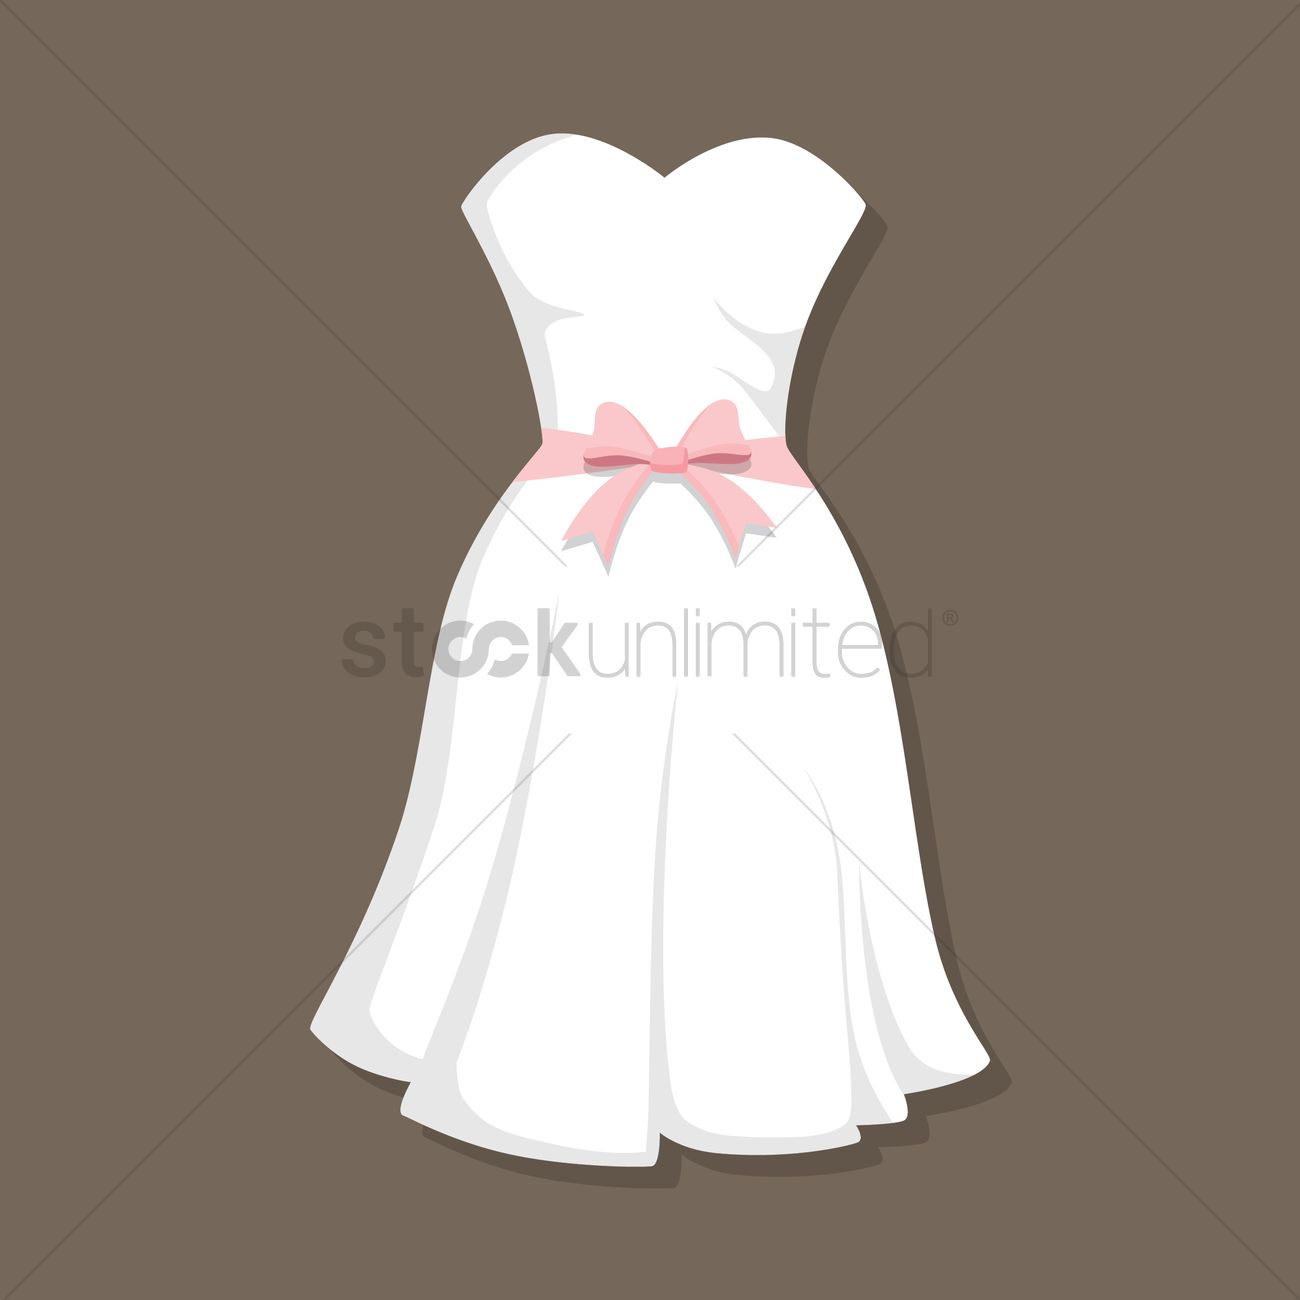 Wedding Gown Vector Image - 1380398